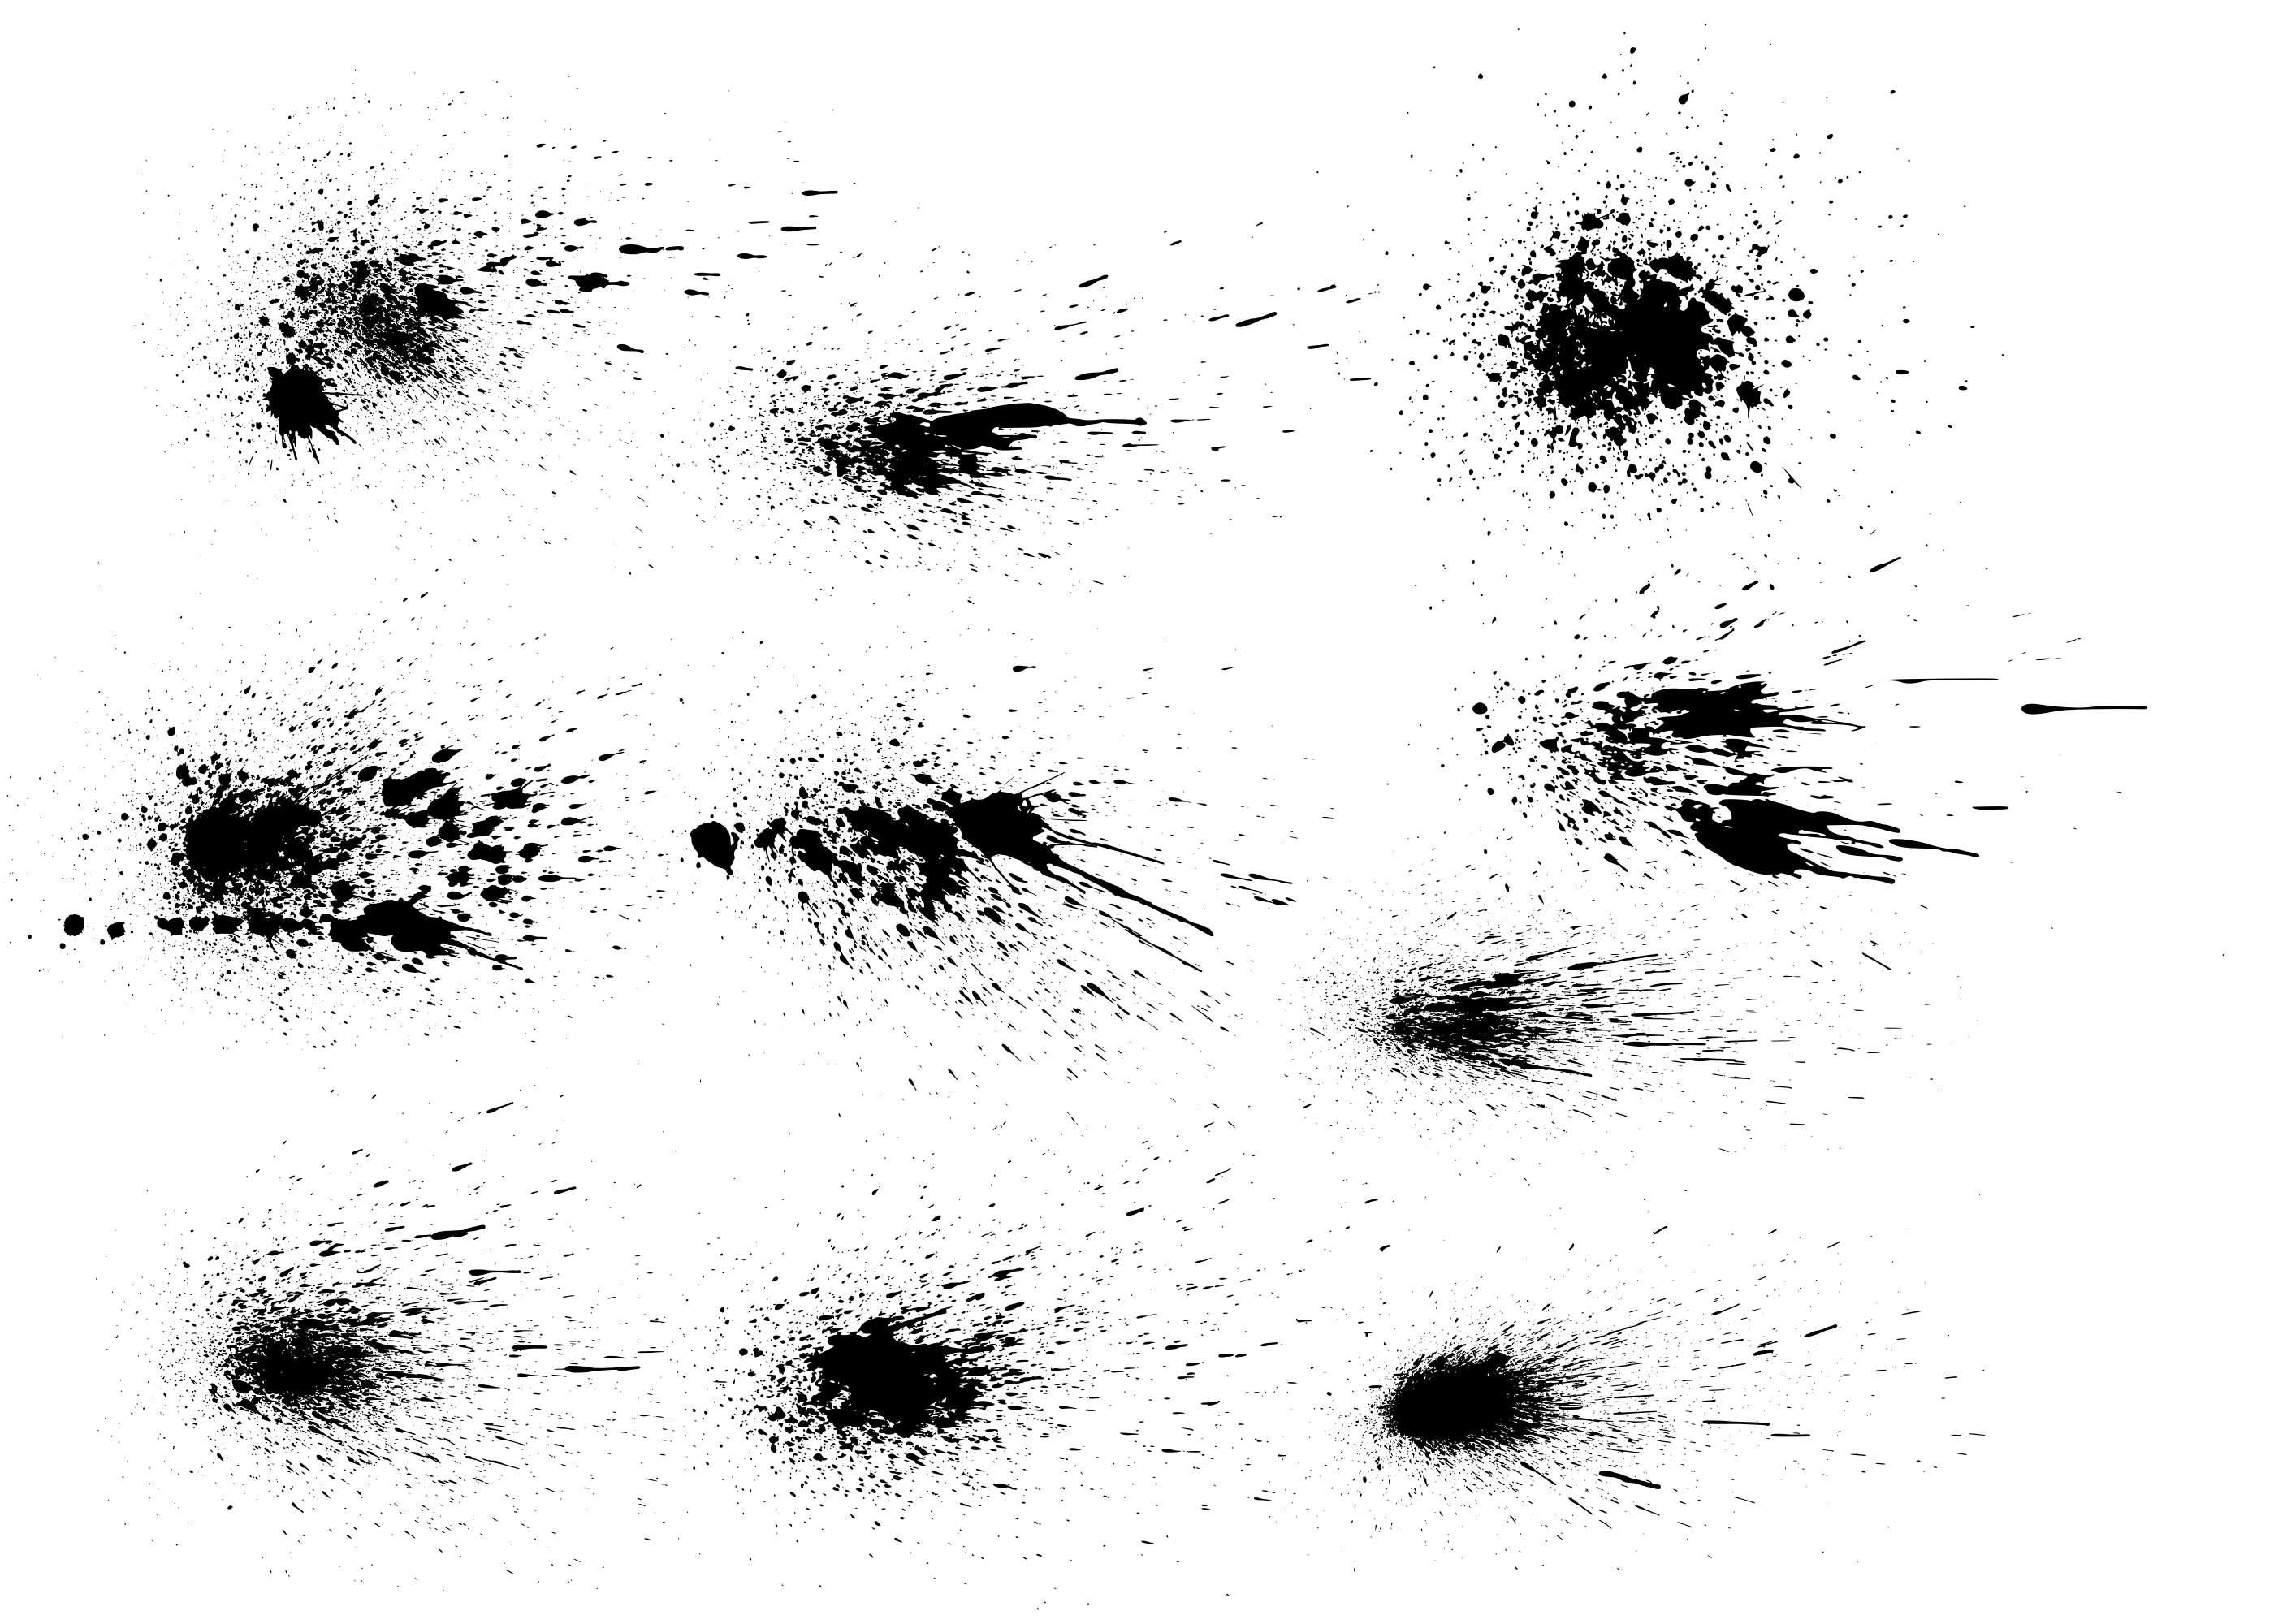 10-grunge-spray-splatter-background-cover.jpg